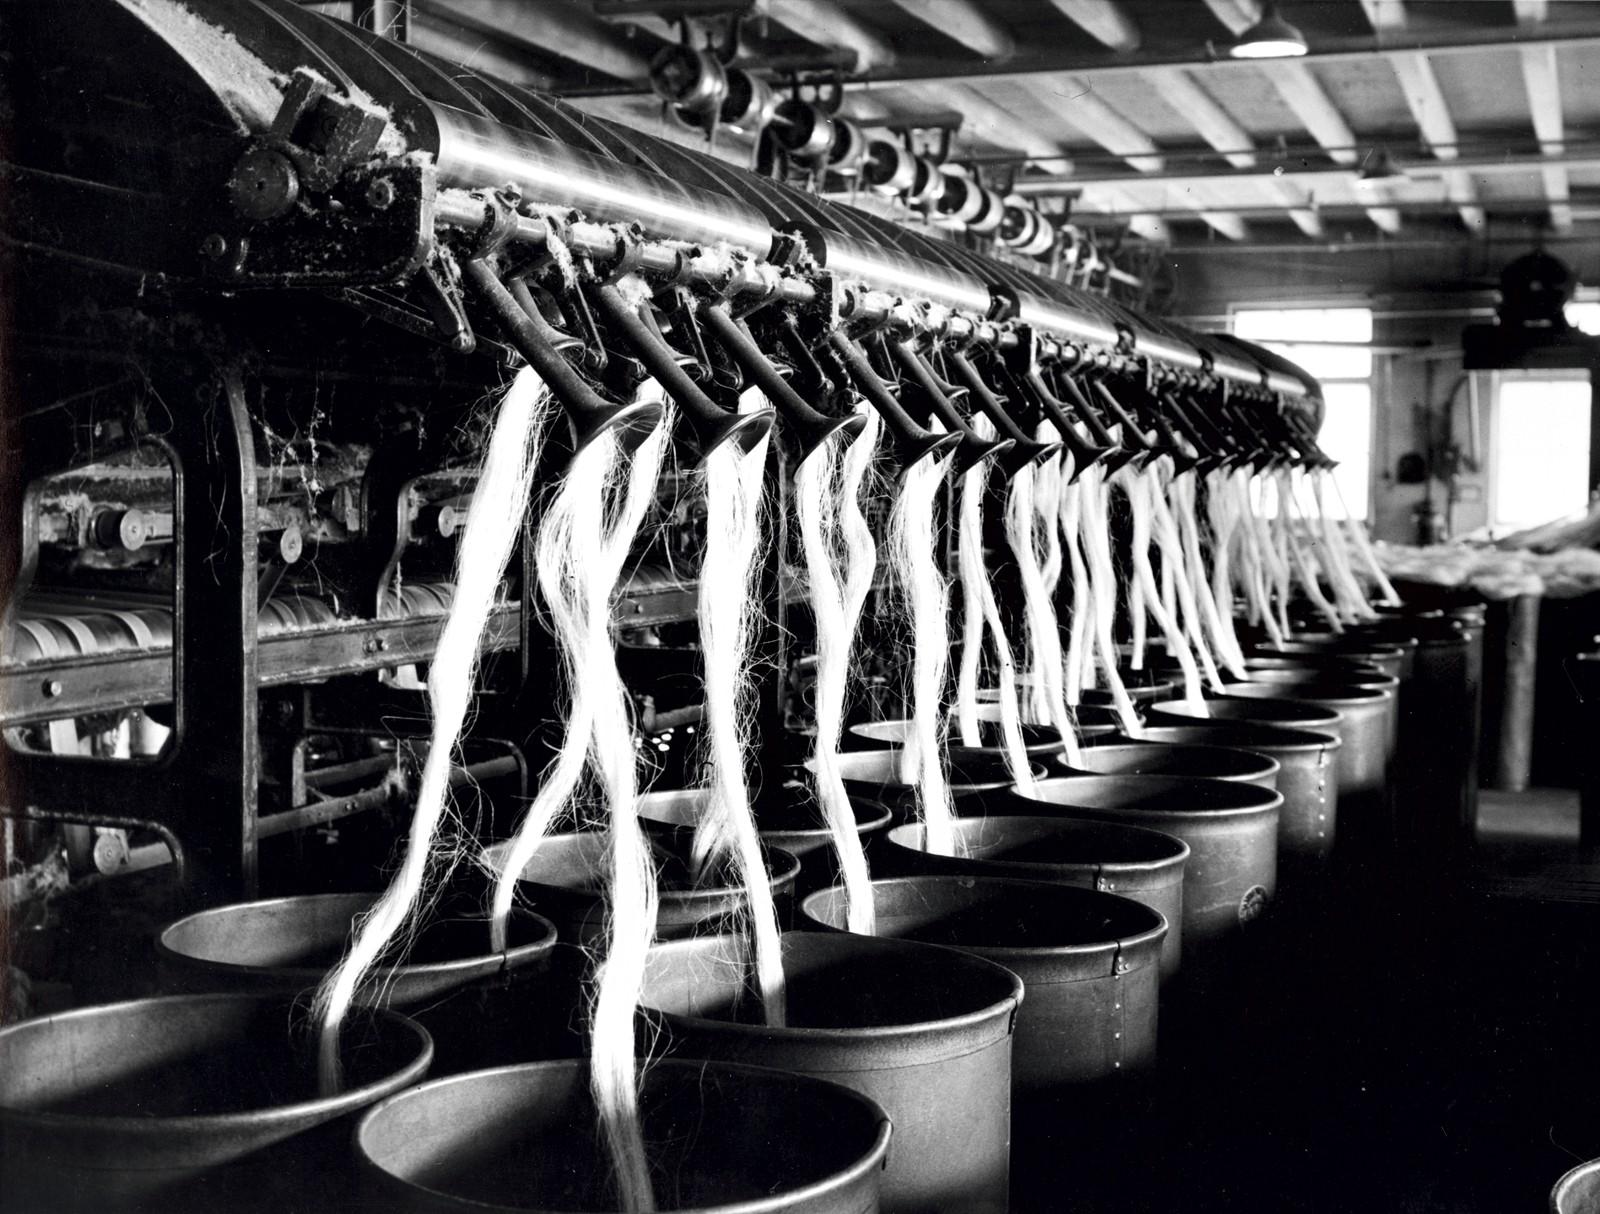 Produksjon Gillspinner 1948. Bakside av maskin.